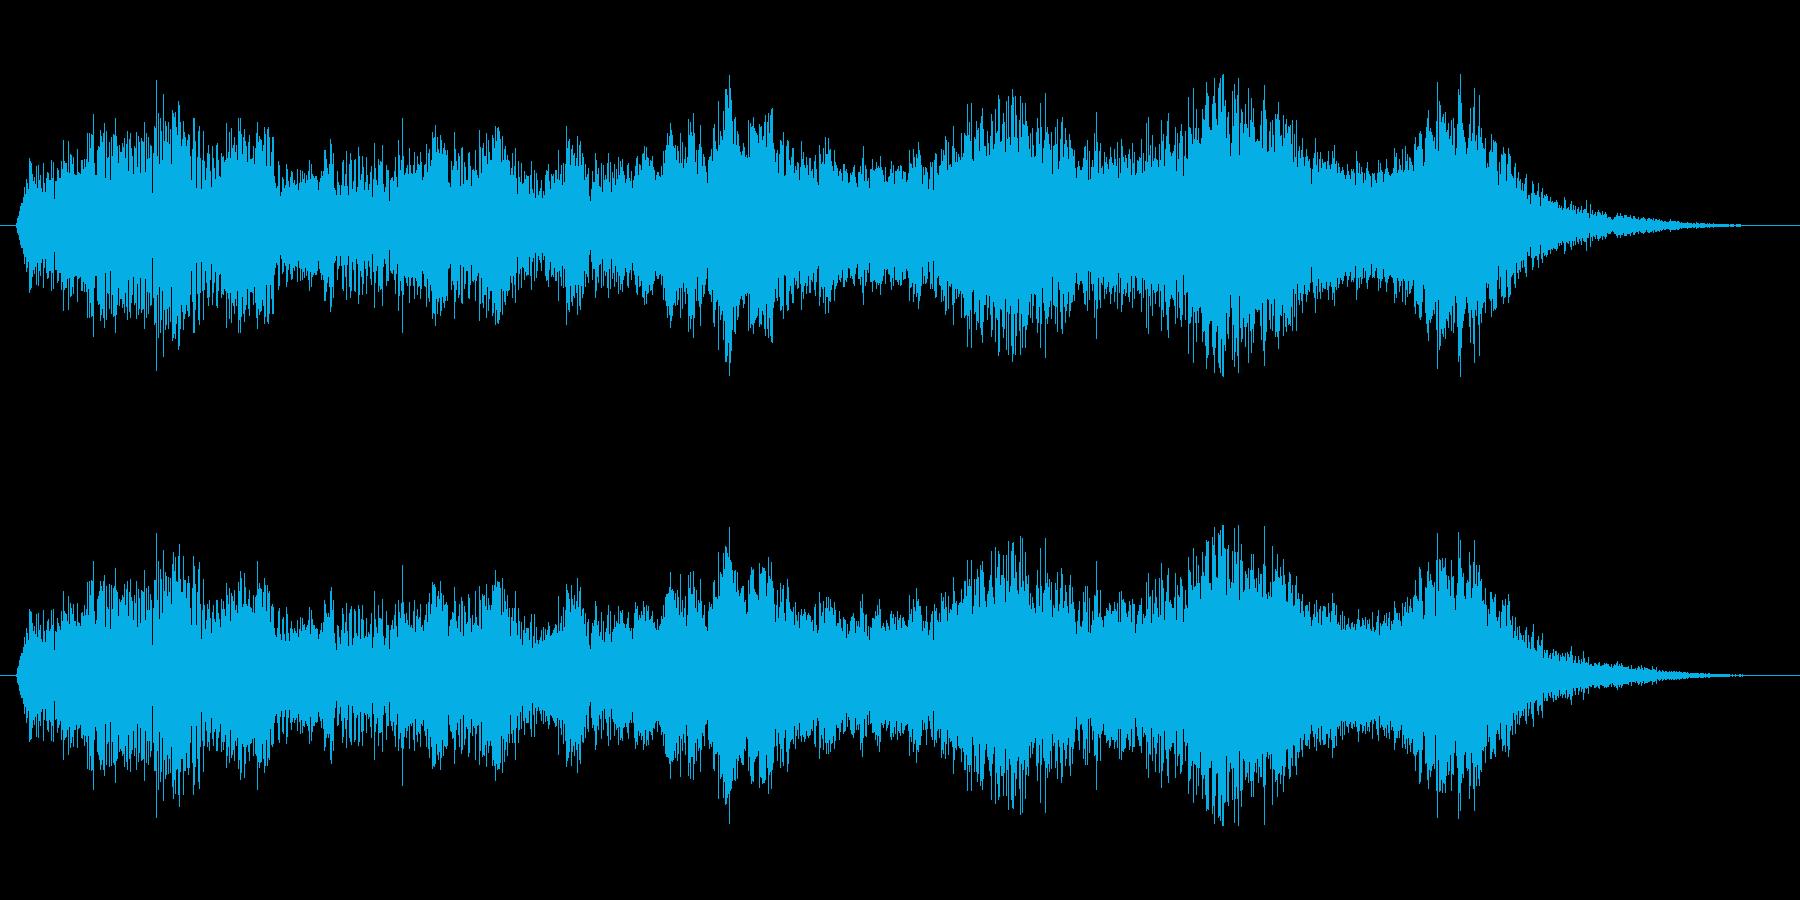 ワープ音2の再生済みの波形